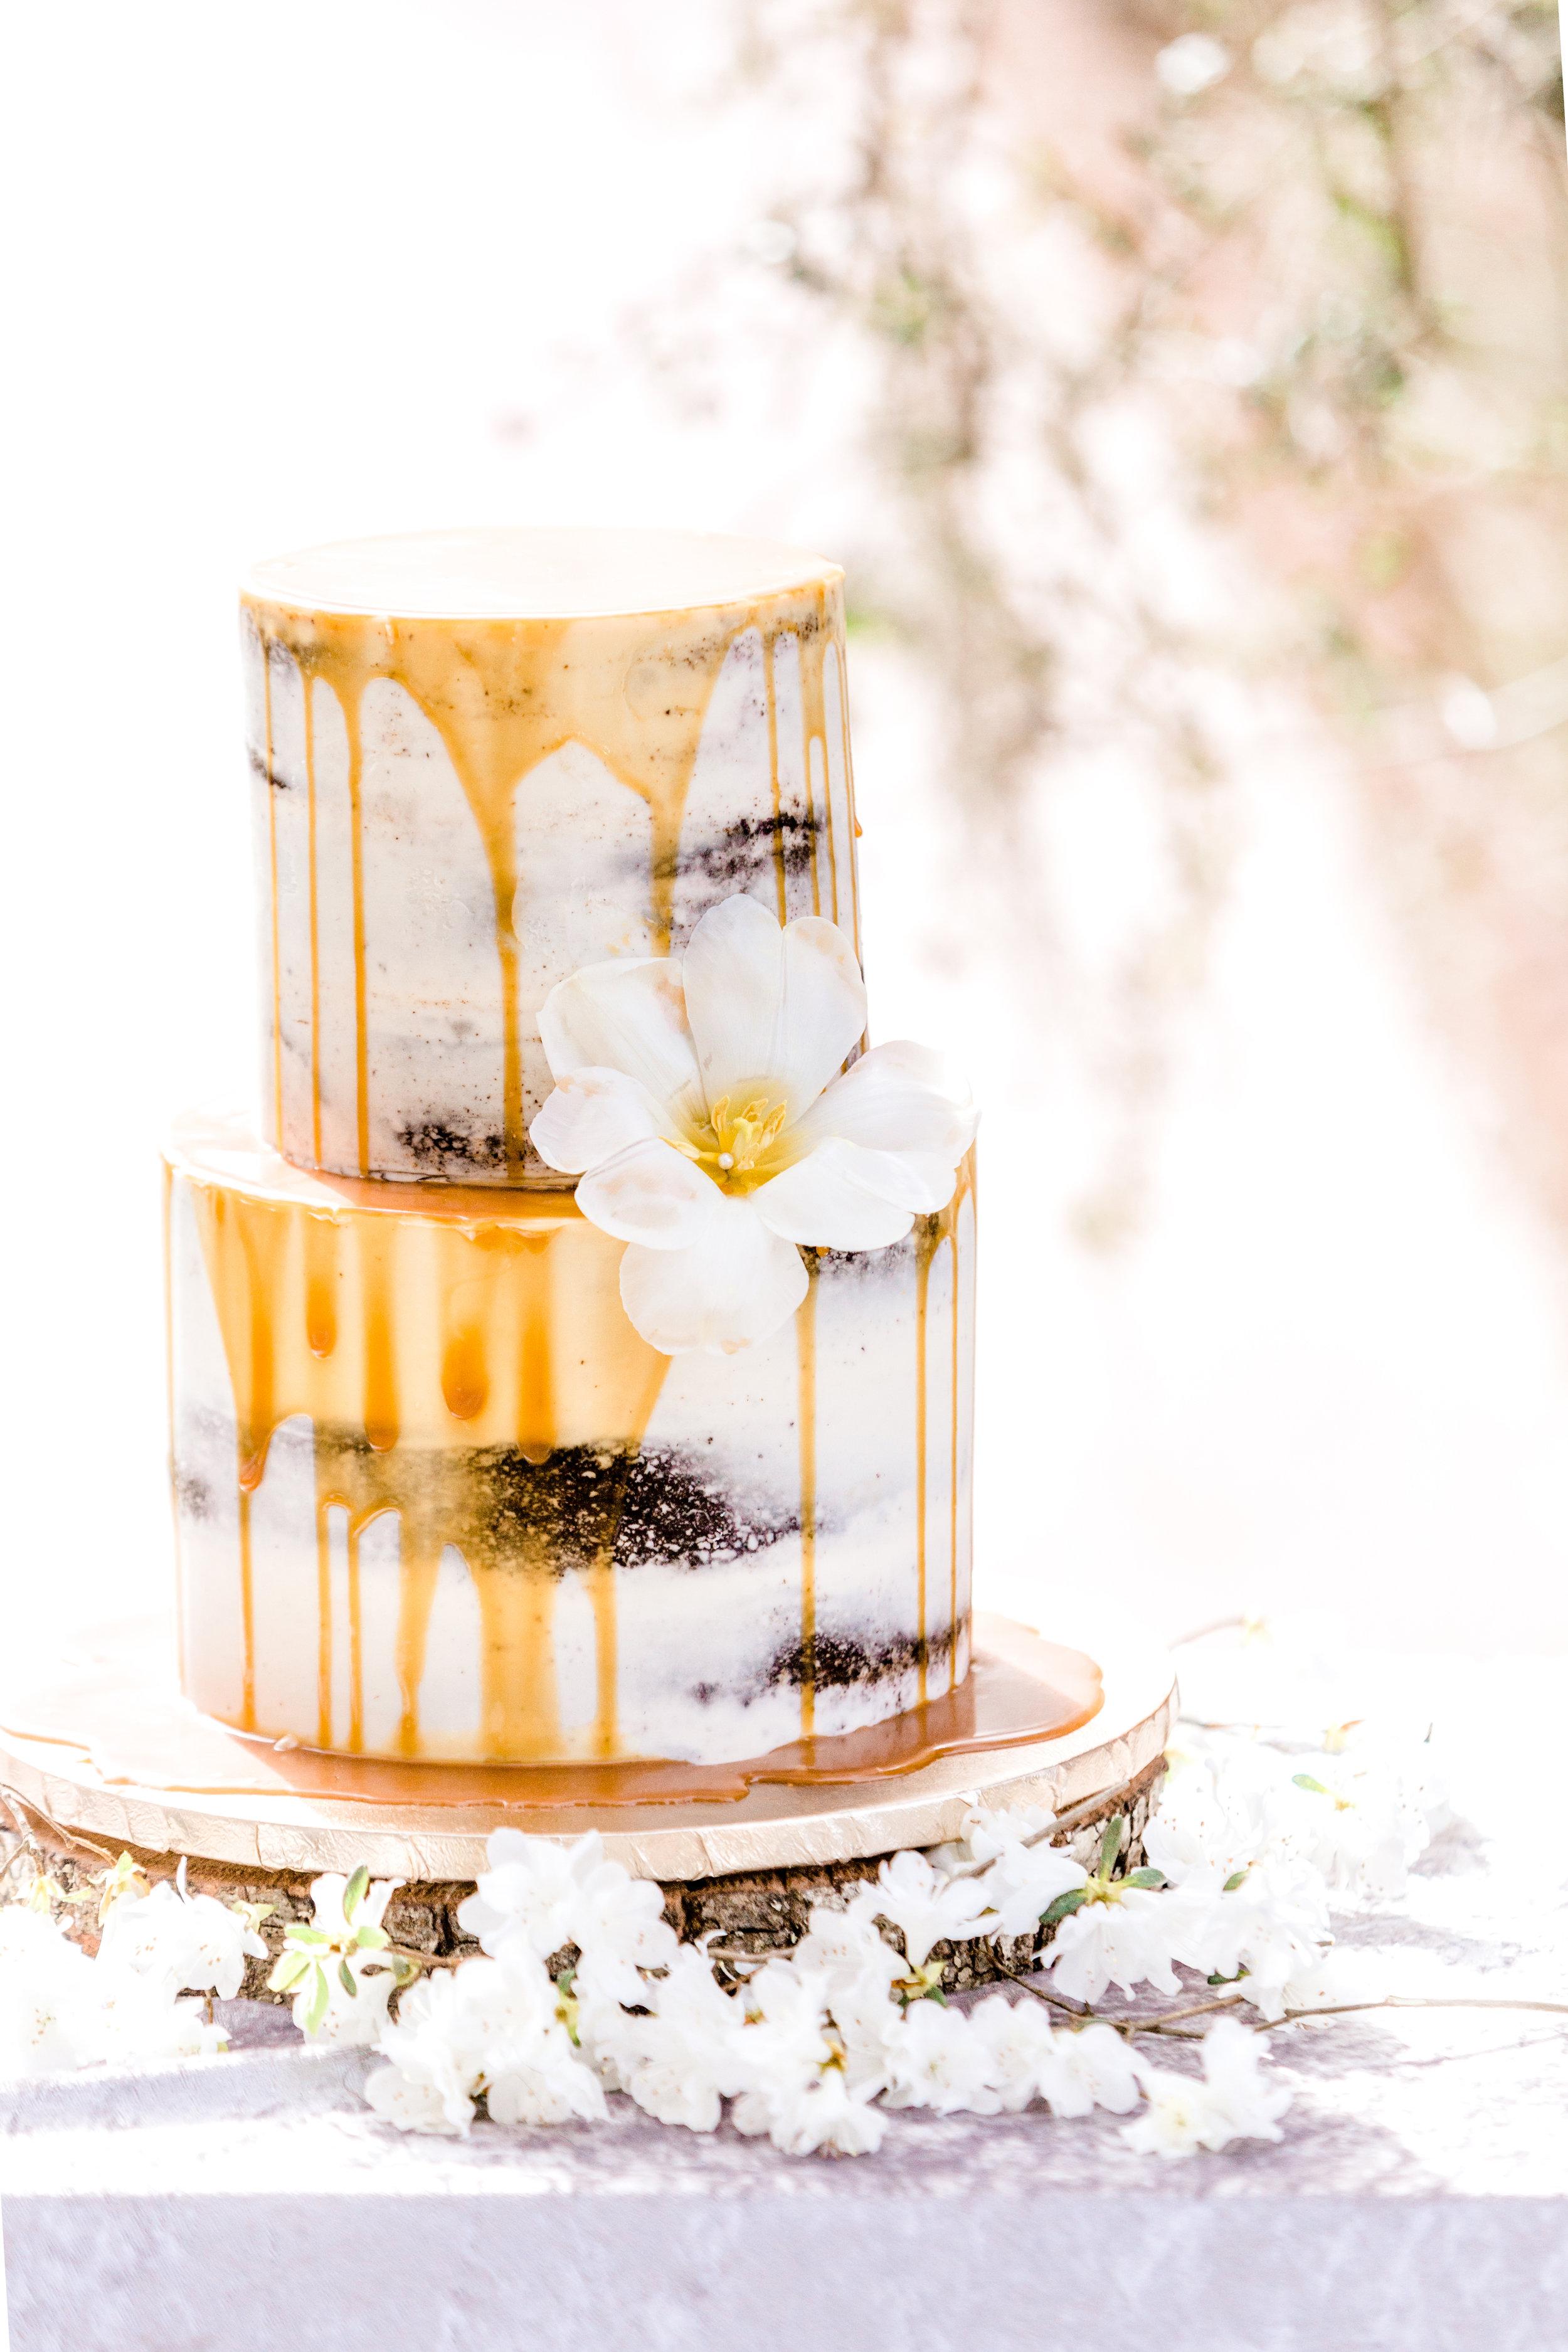 Caramel Dripped Cake.jpg